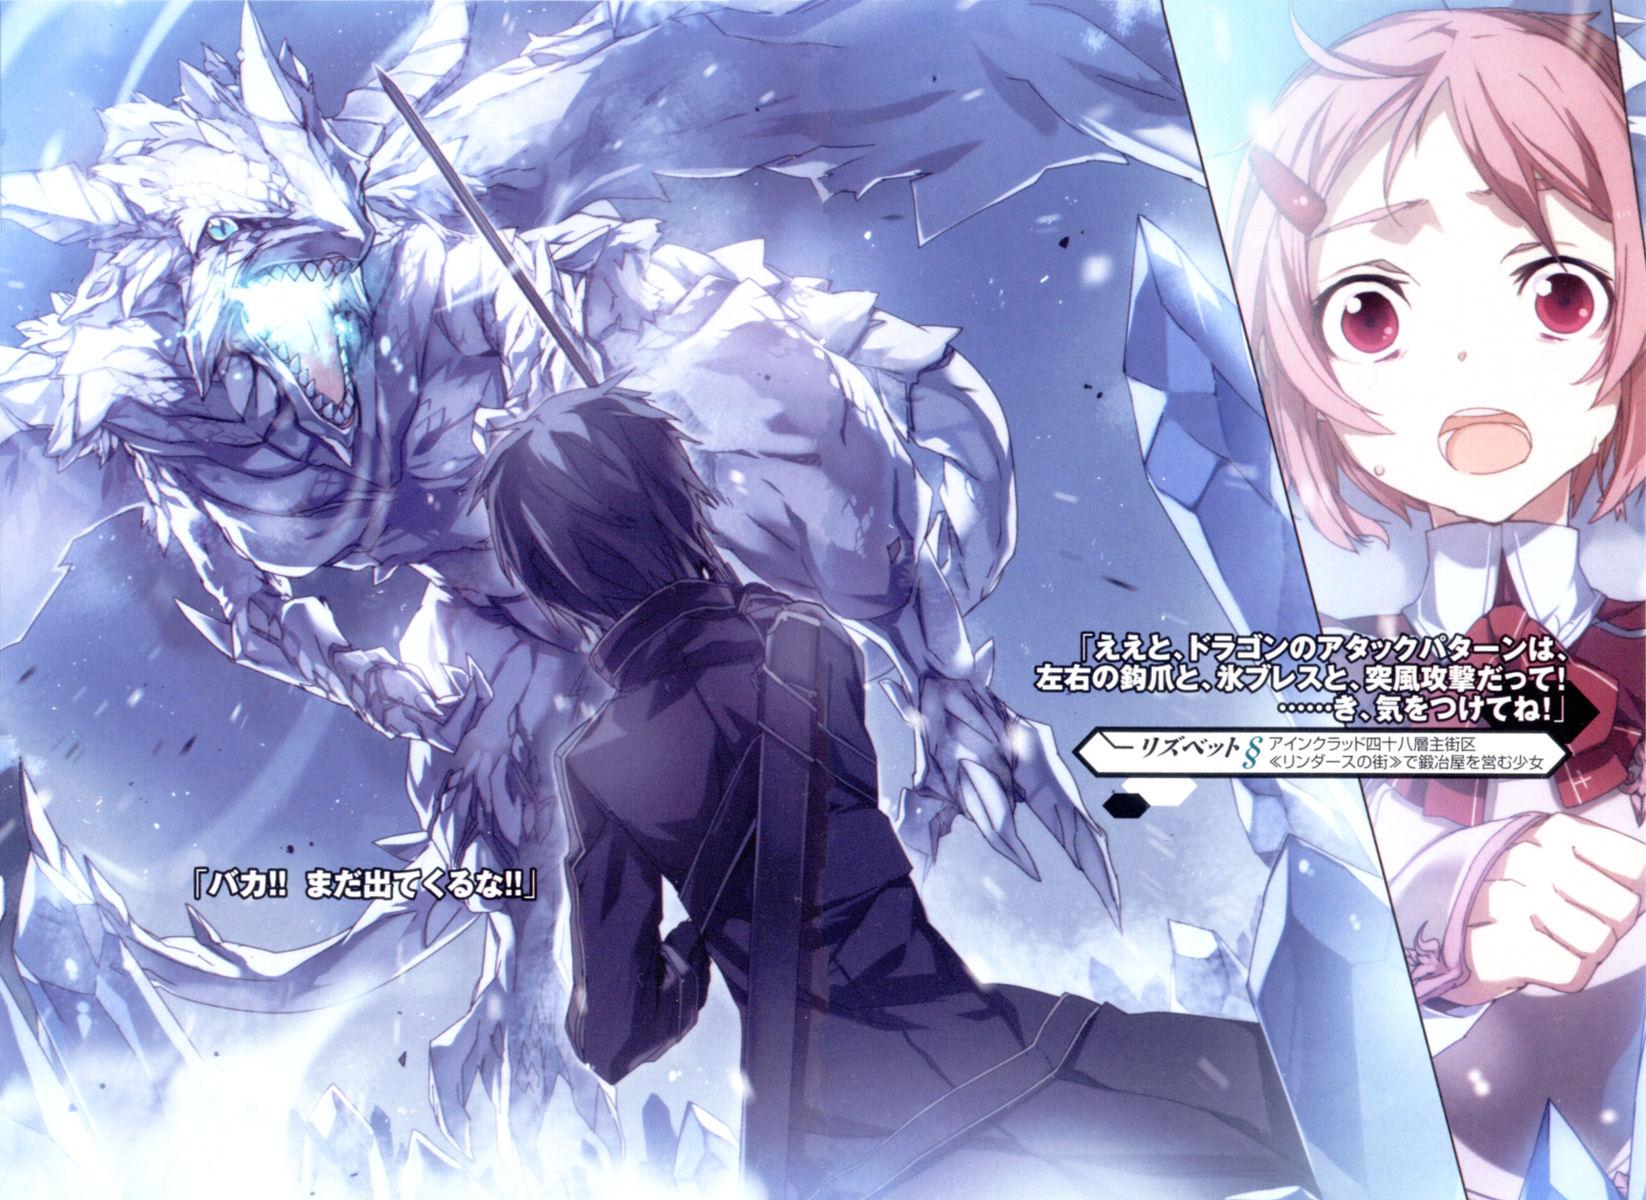 キリト リズベット 1646x1200 Sao Sword Art Online ソードアート